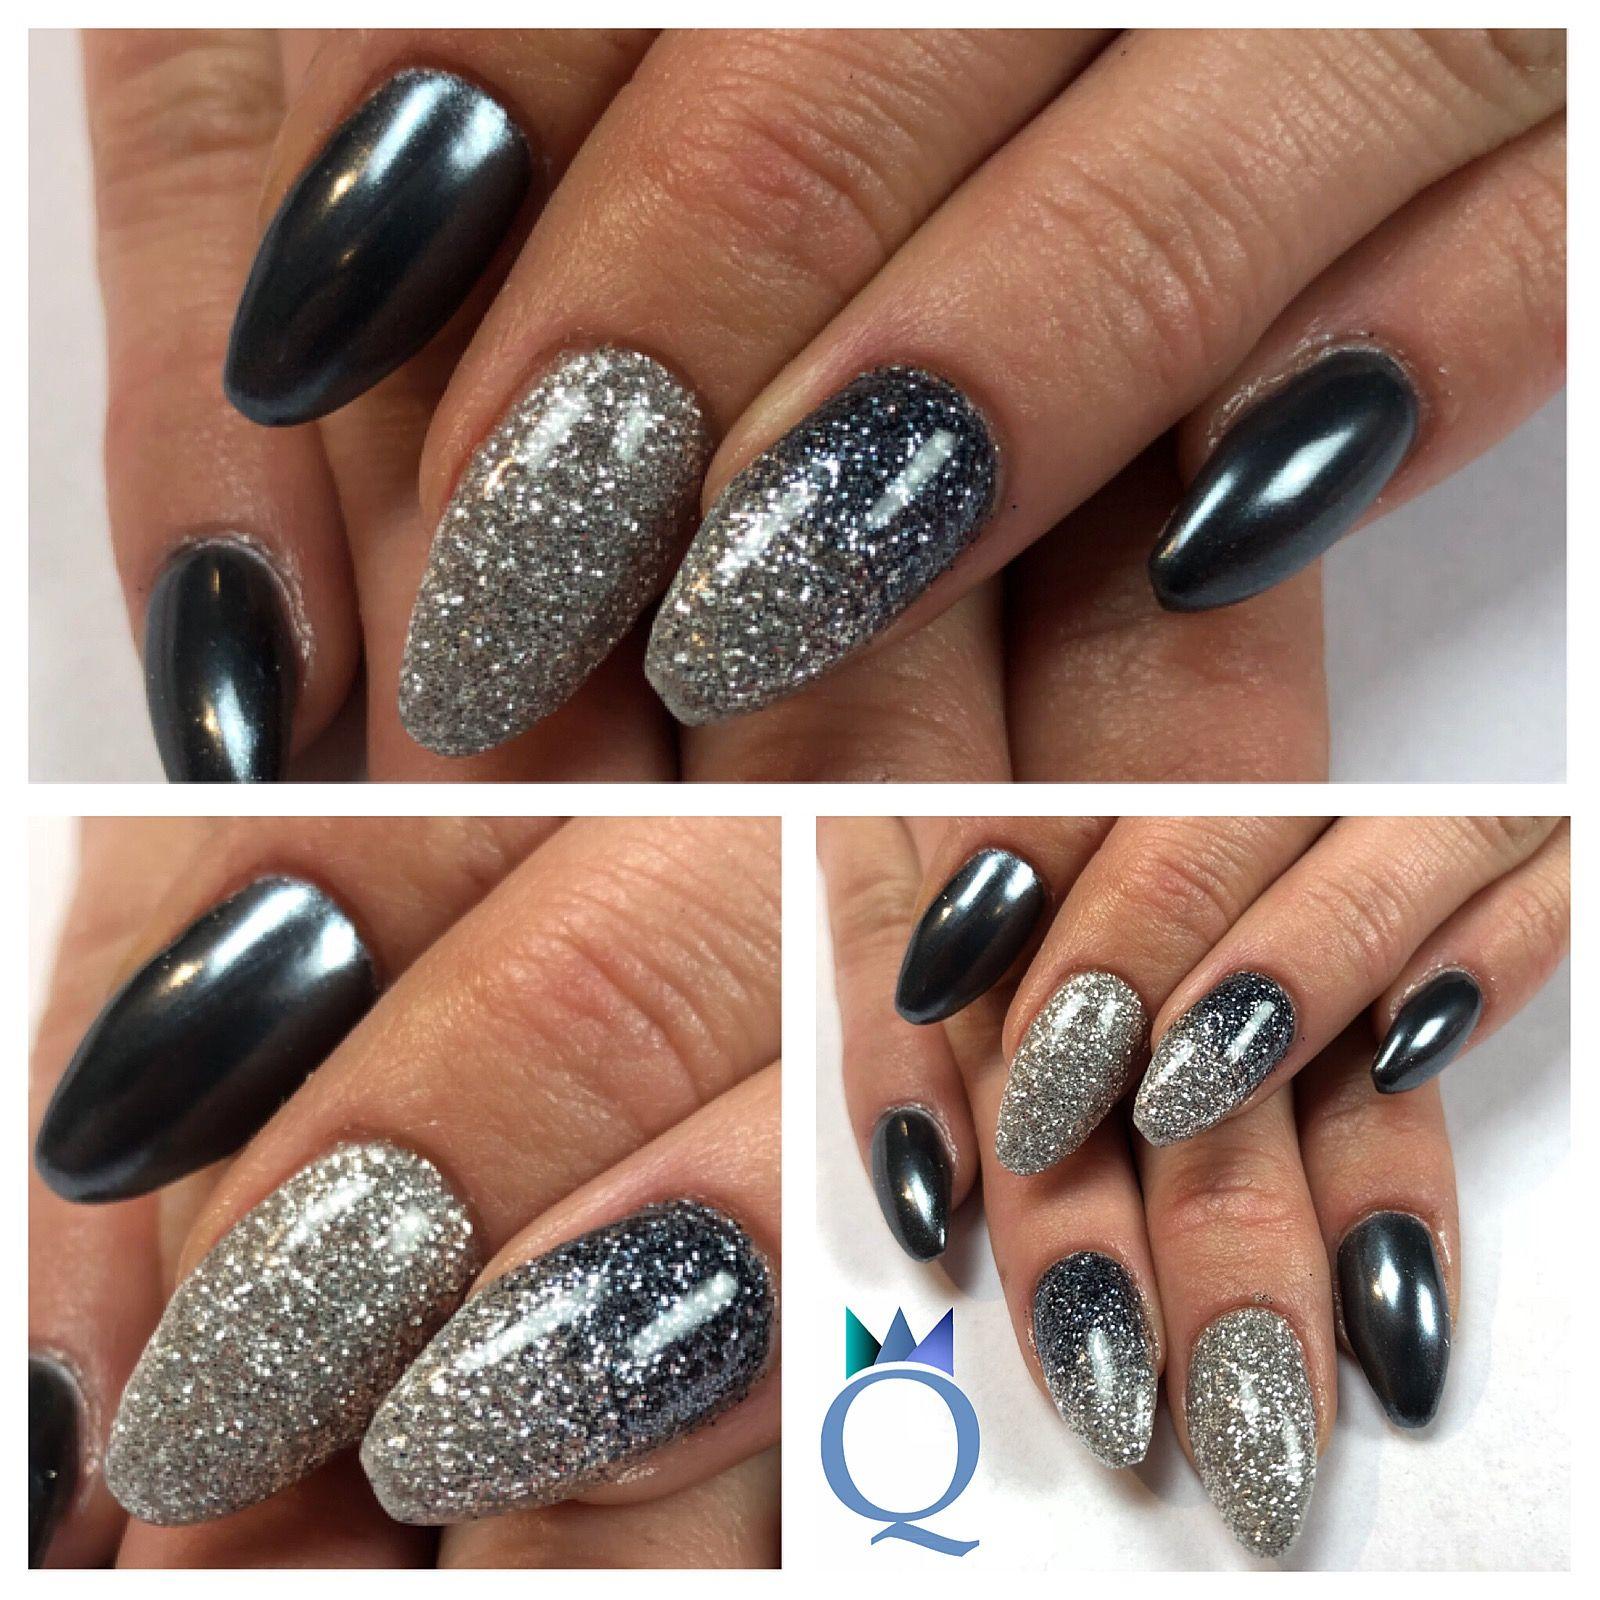 Gel nagels - #nails | Pinterest - Nagel